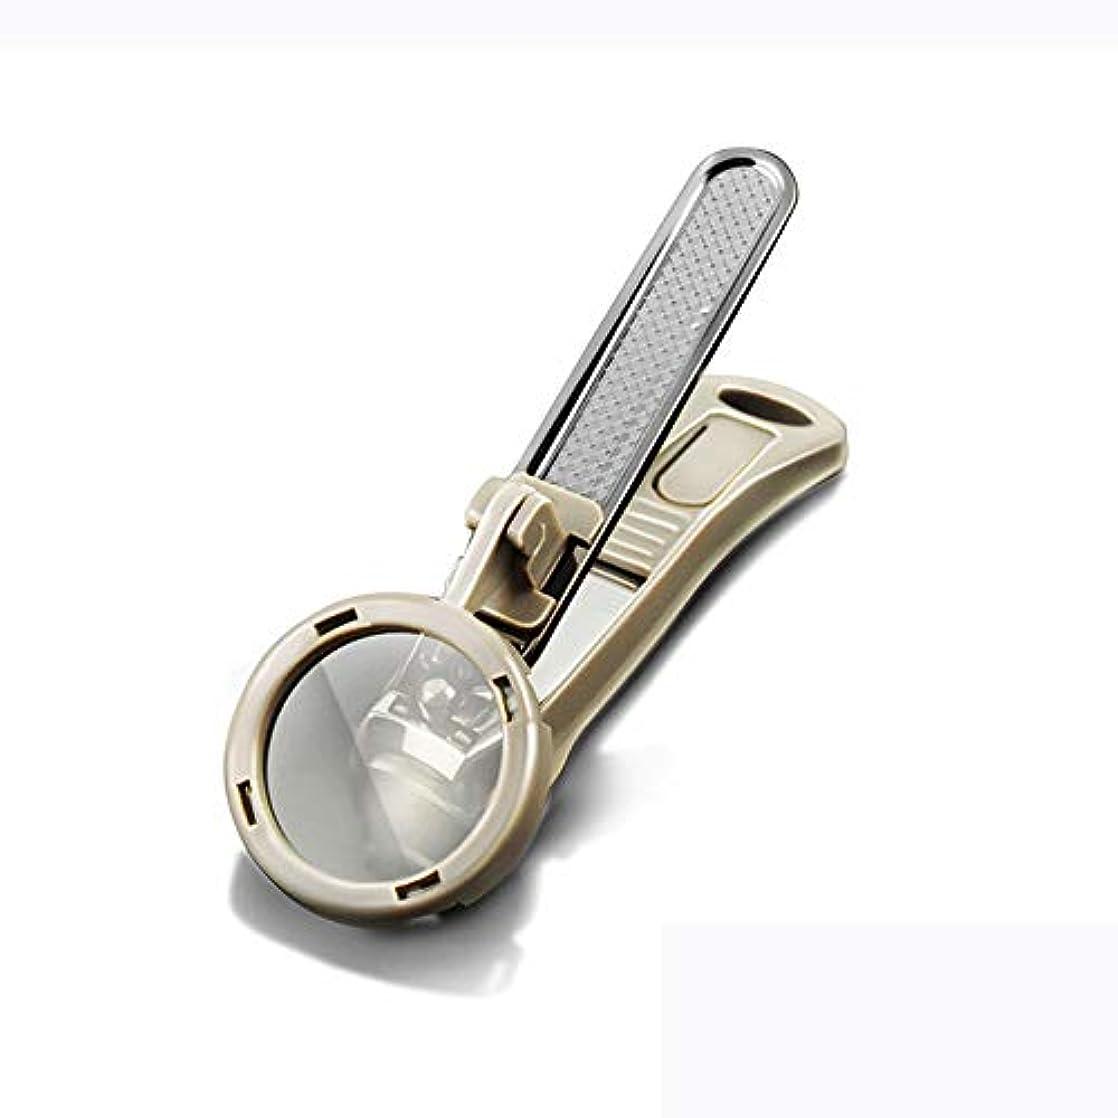 粉砕する浸す長さ虫眼鏡デザインネイルクリッパーセット、爪と足の爪切り、老人/大人のための広げられないキャッチャー丈夫な炭素鋼ネイルカッター Blingstars (Color : White)